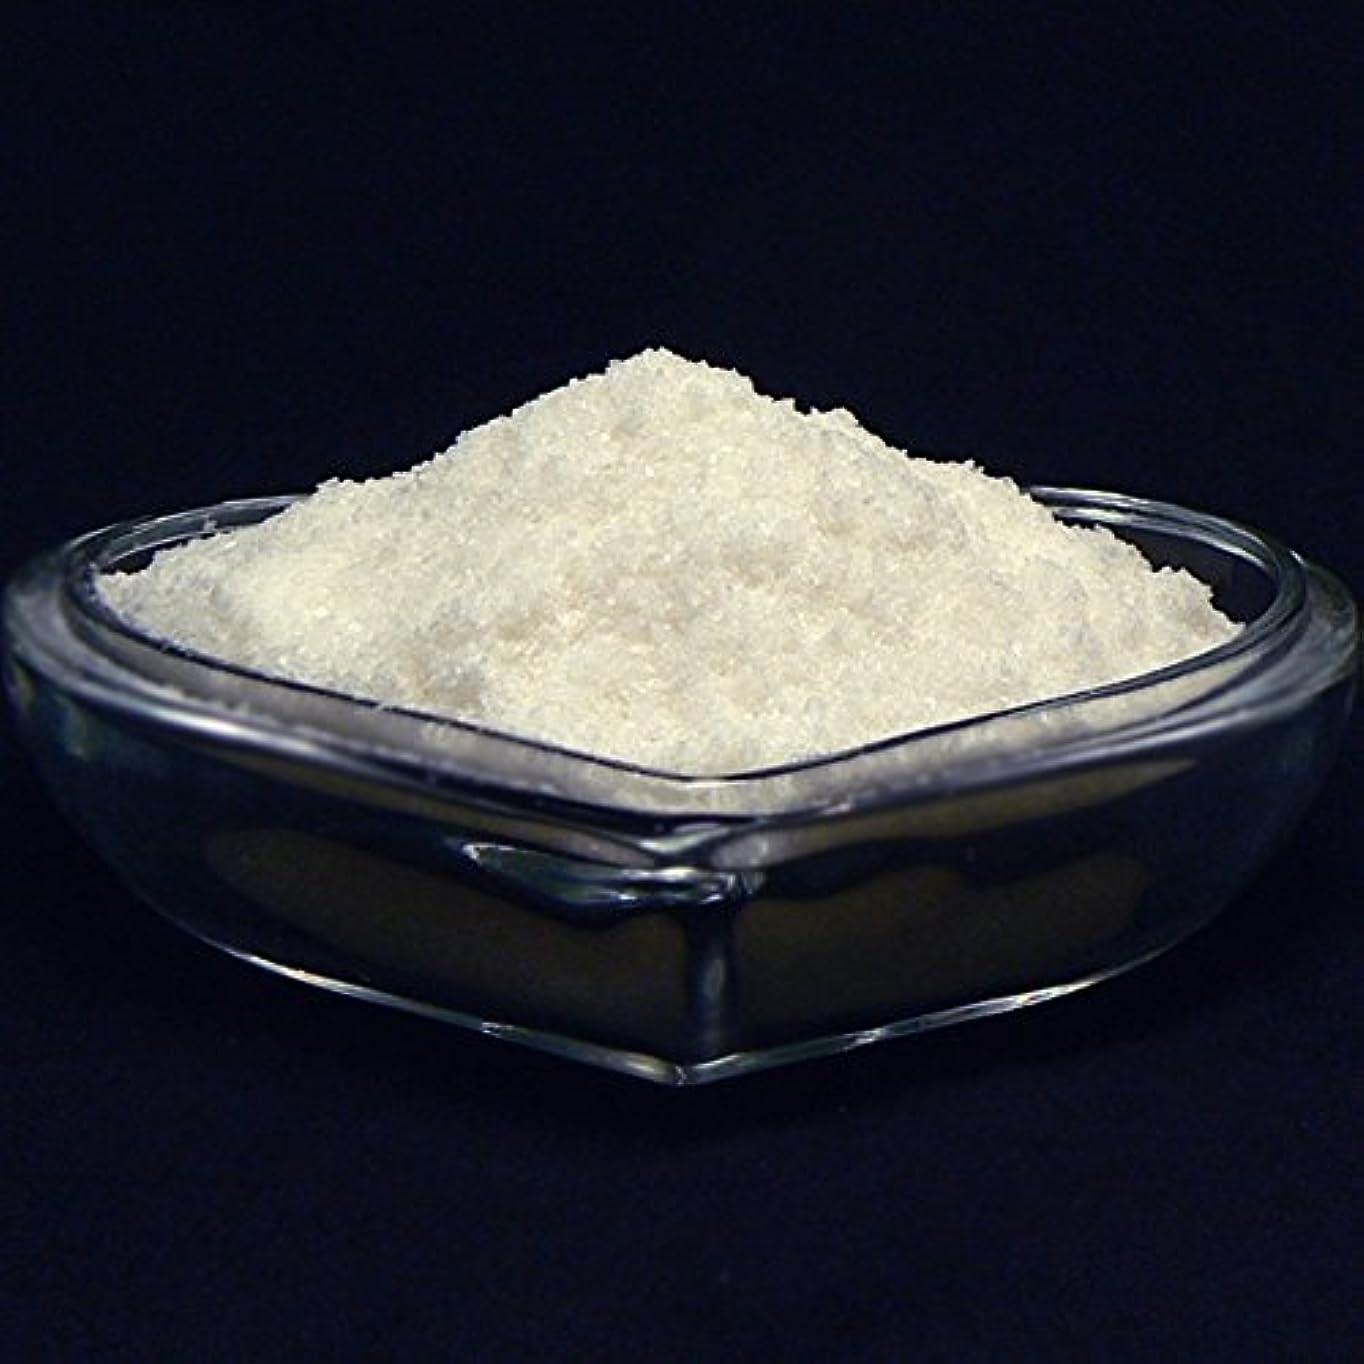 コミュニケーション売上高収束ヒマラヤ岩塩 クリスタルソルト 入浴用 バスソルト(パウダー)白岩塩 (1kg+250g増量)